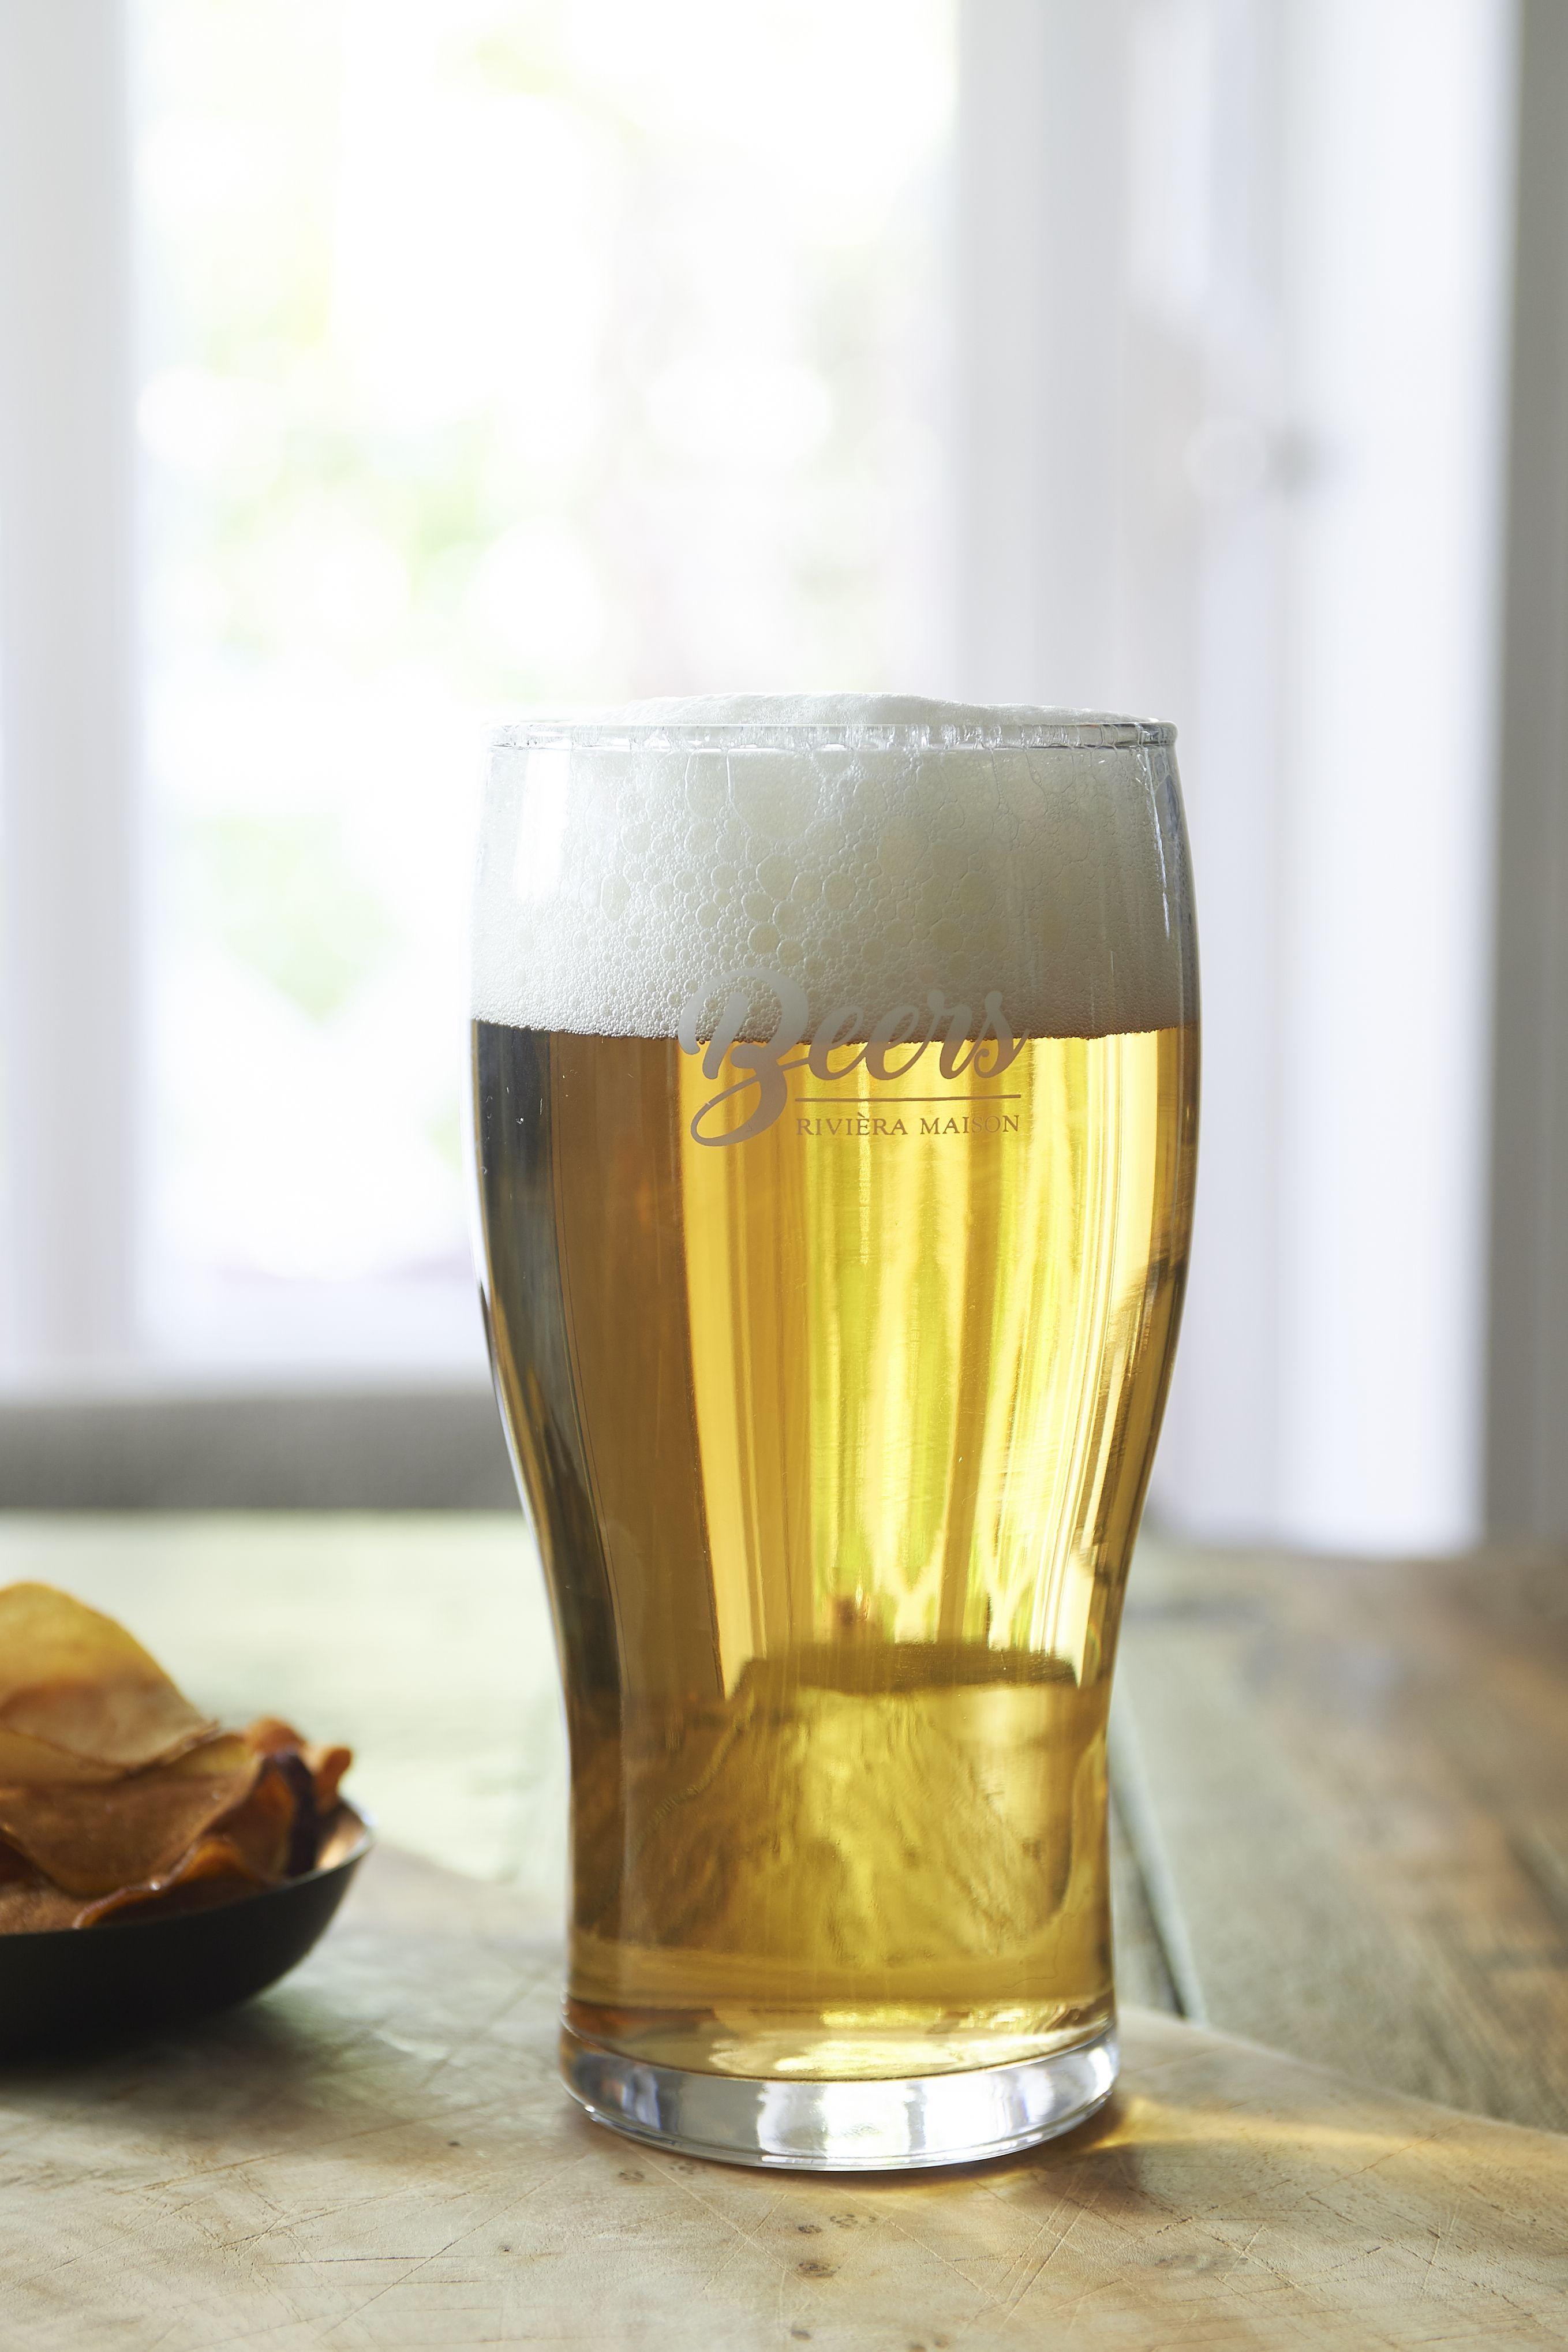 Sklenice Beers Beer